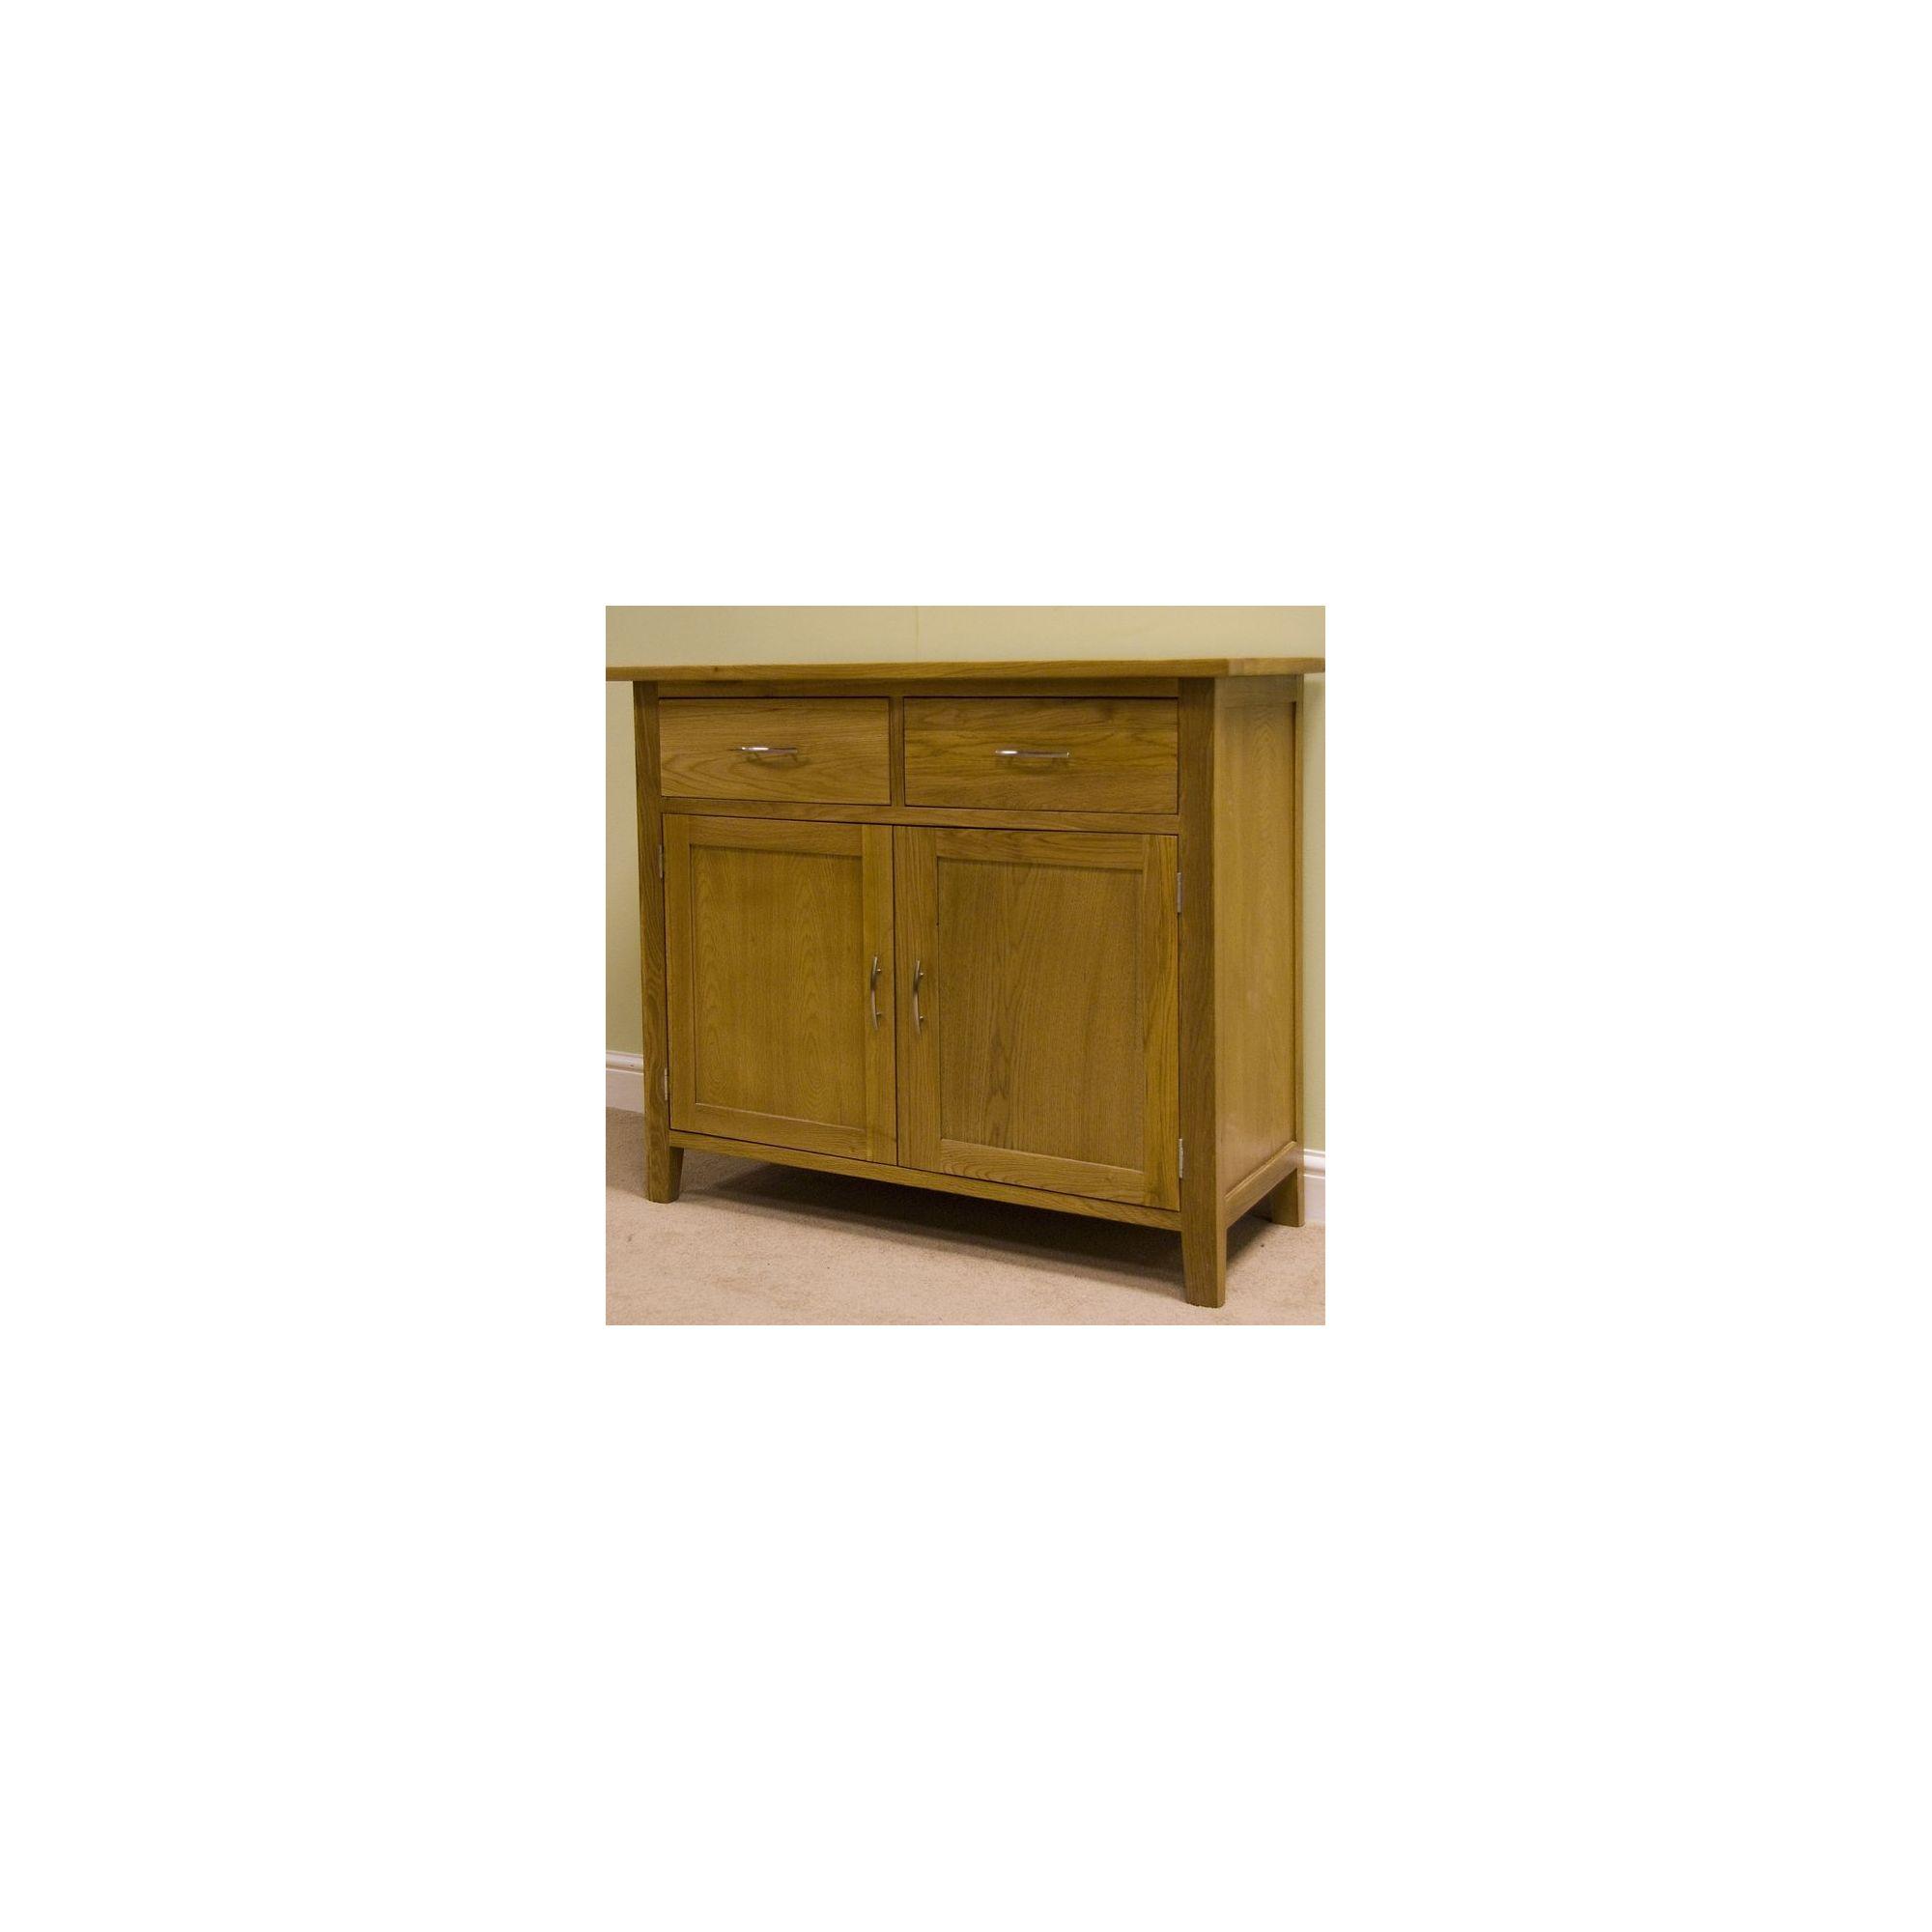 G&P Furniture Lyon Oak Sideboard at Tesco Direct